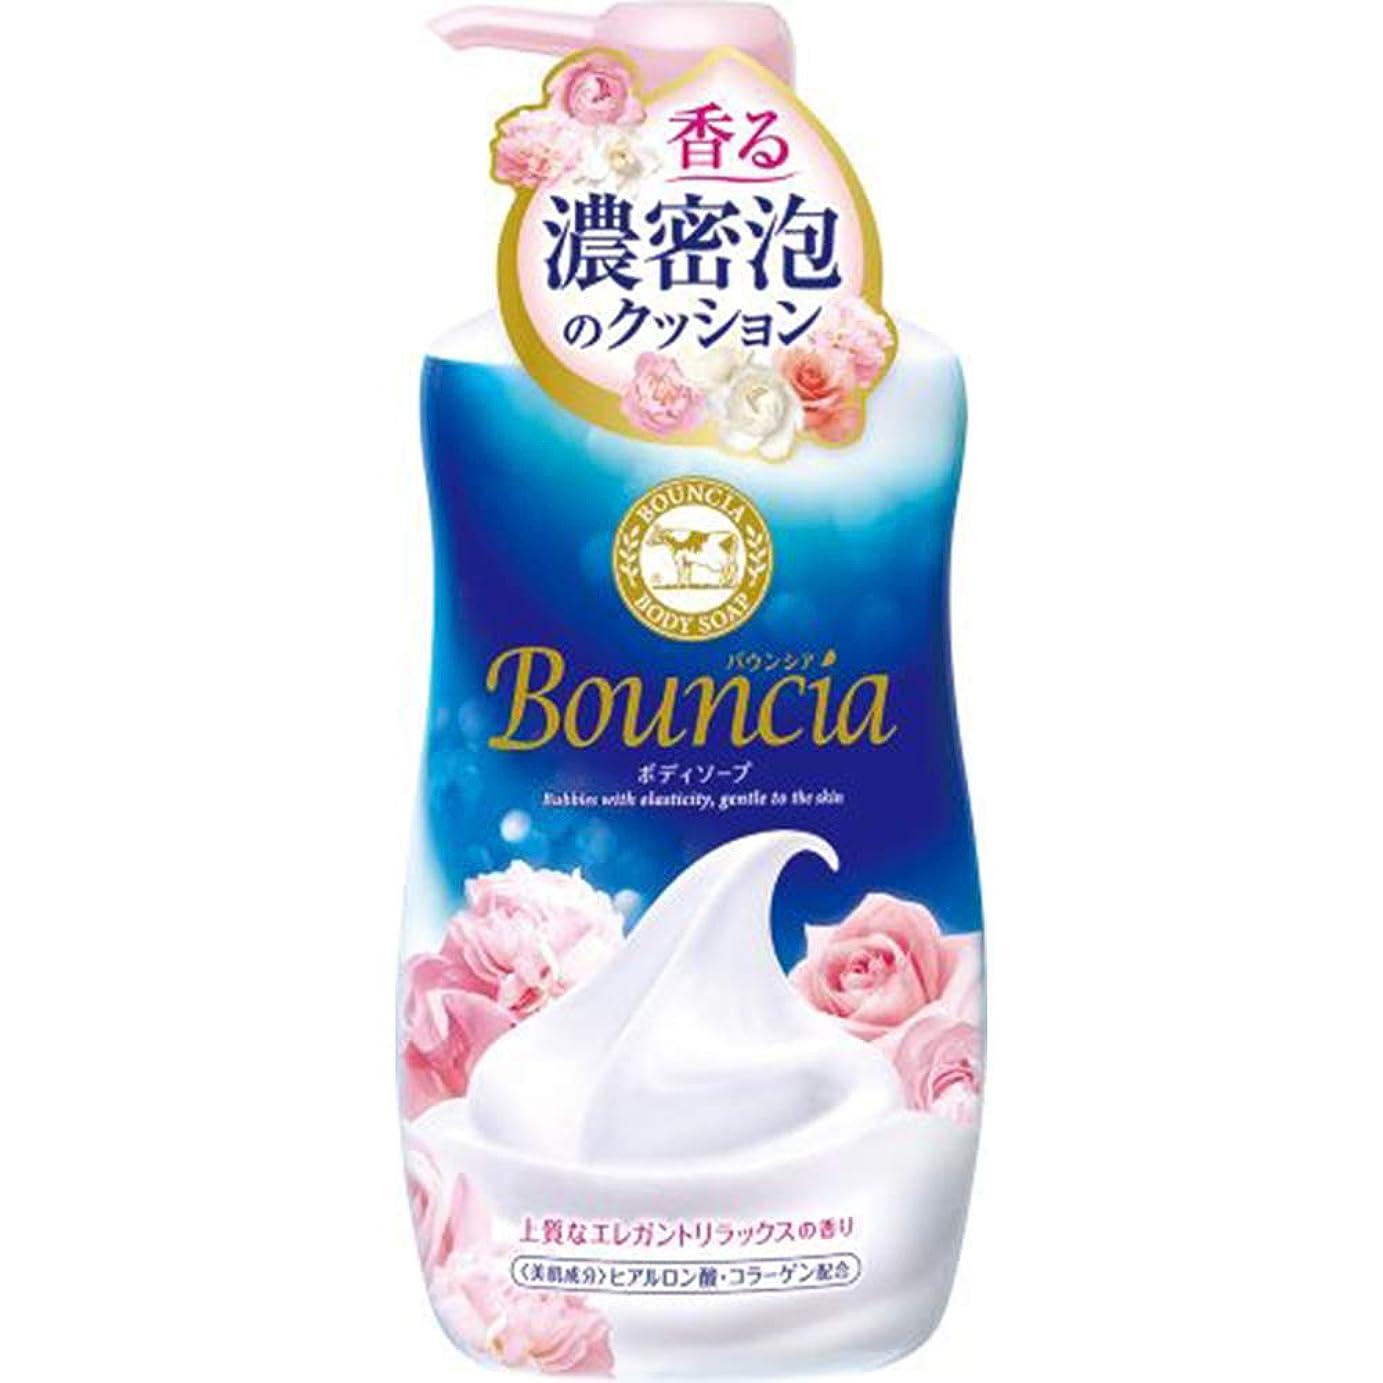 マット勧める結論バウンシア ボディソープ エレガントリラックスの香り ポンプ 550mL